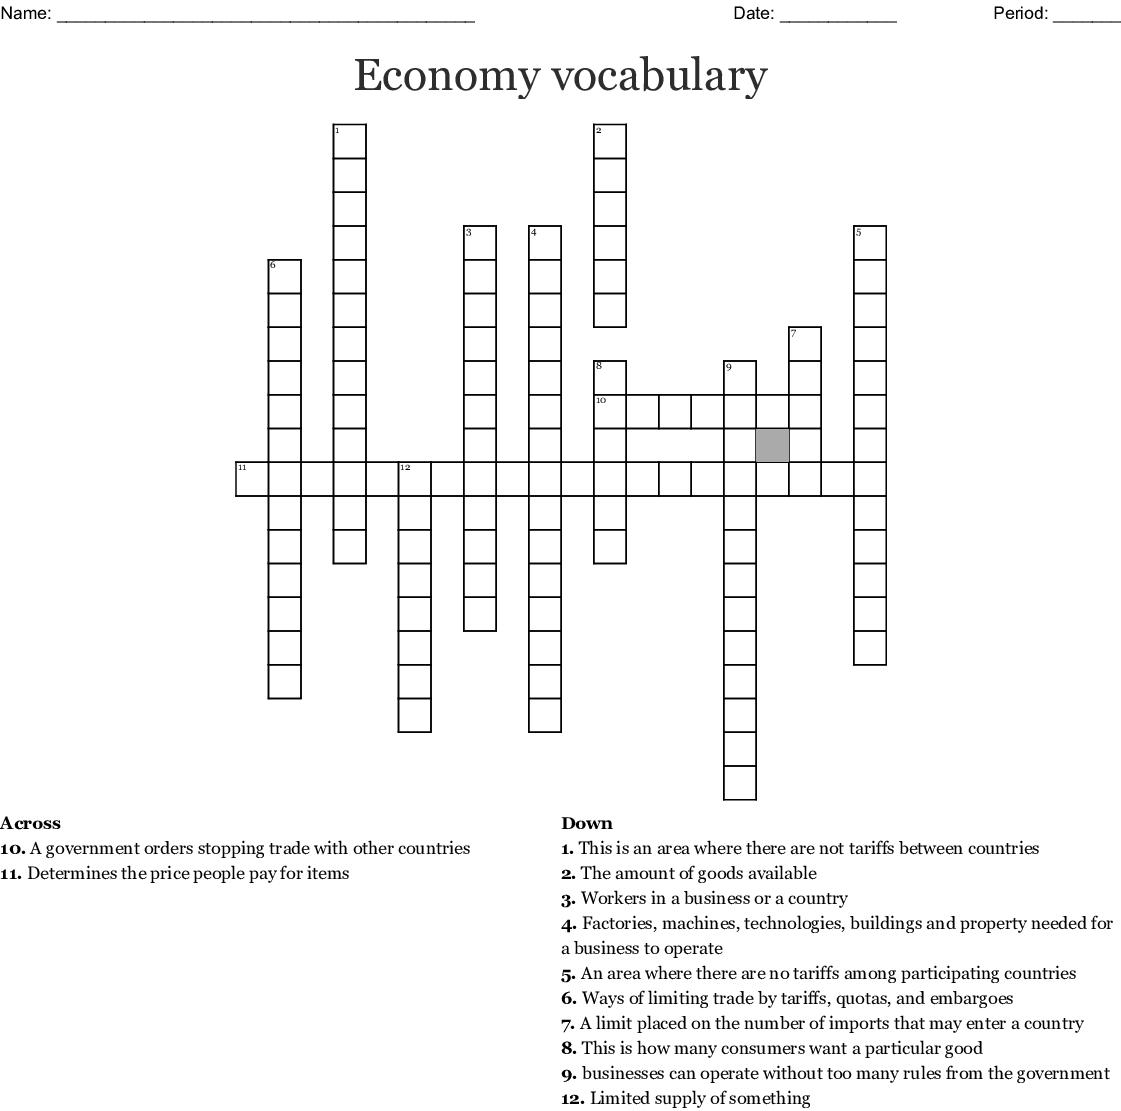 Economy Vocabulary Crossword